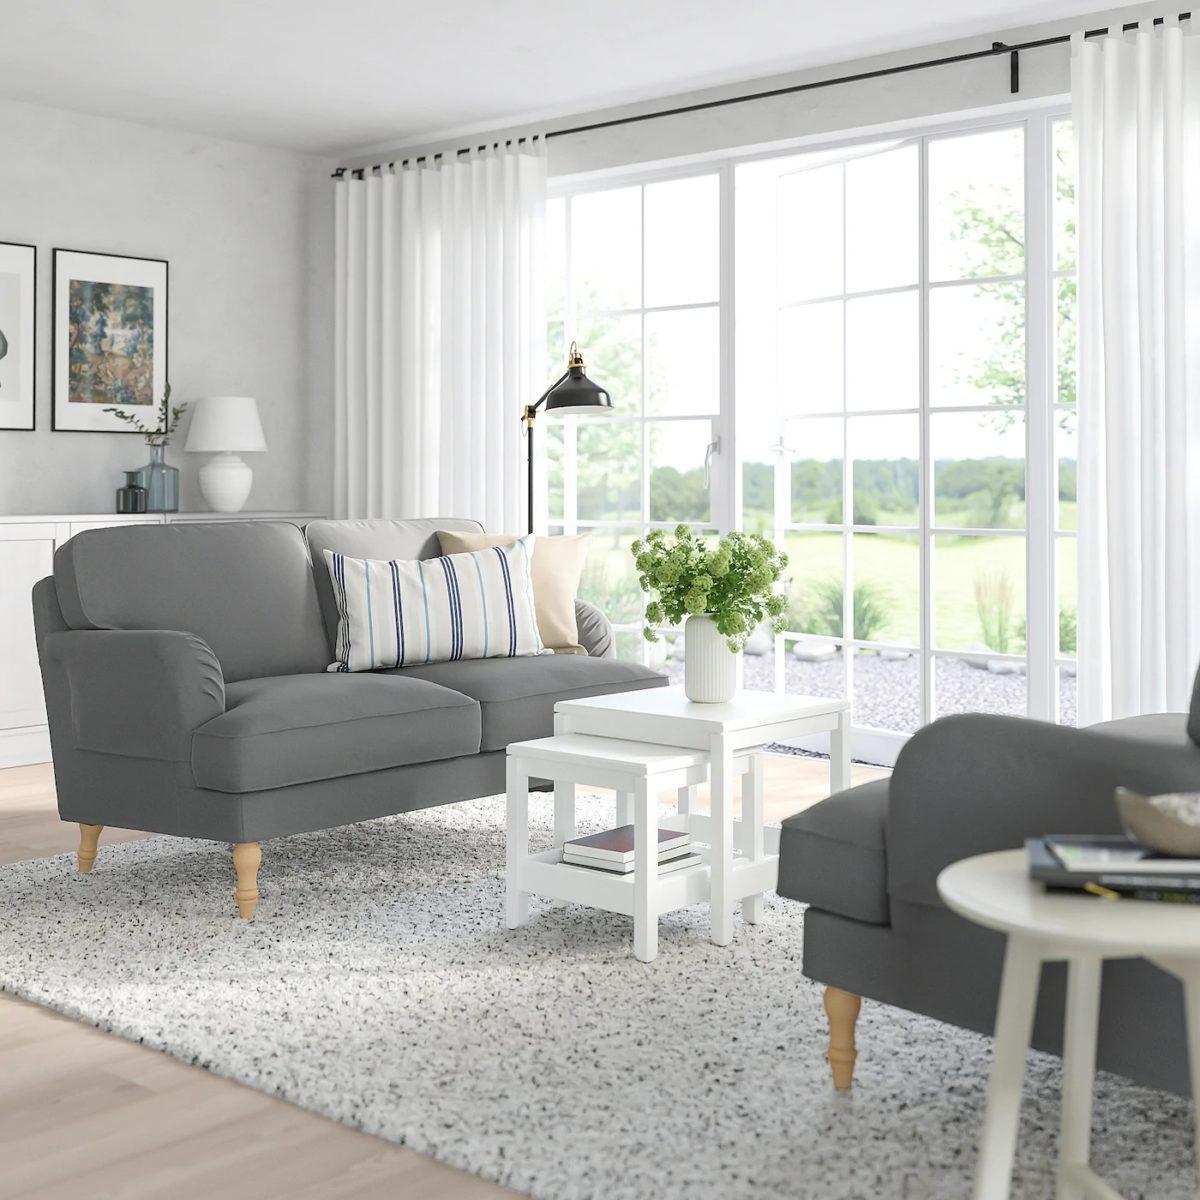 cucina-ikea-primavera-soggiorno-stocksund-divano